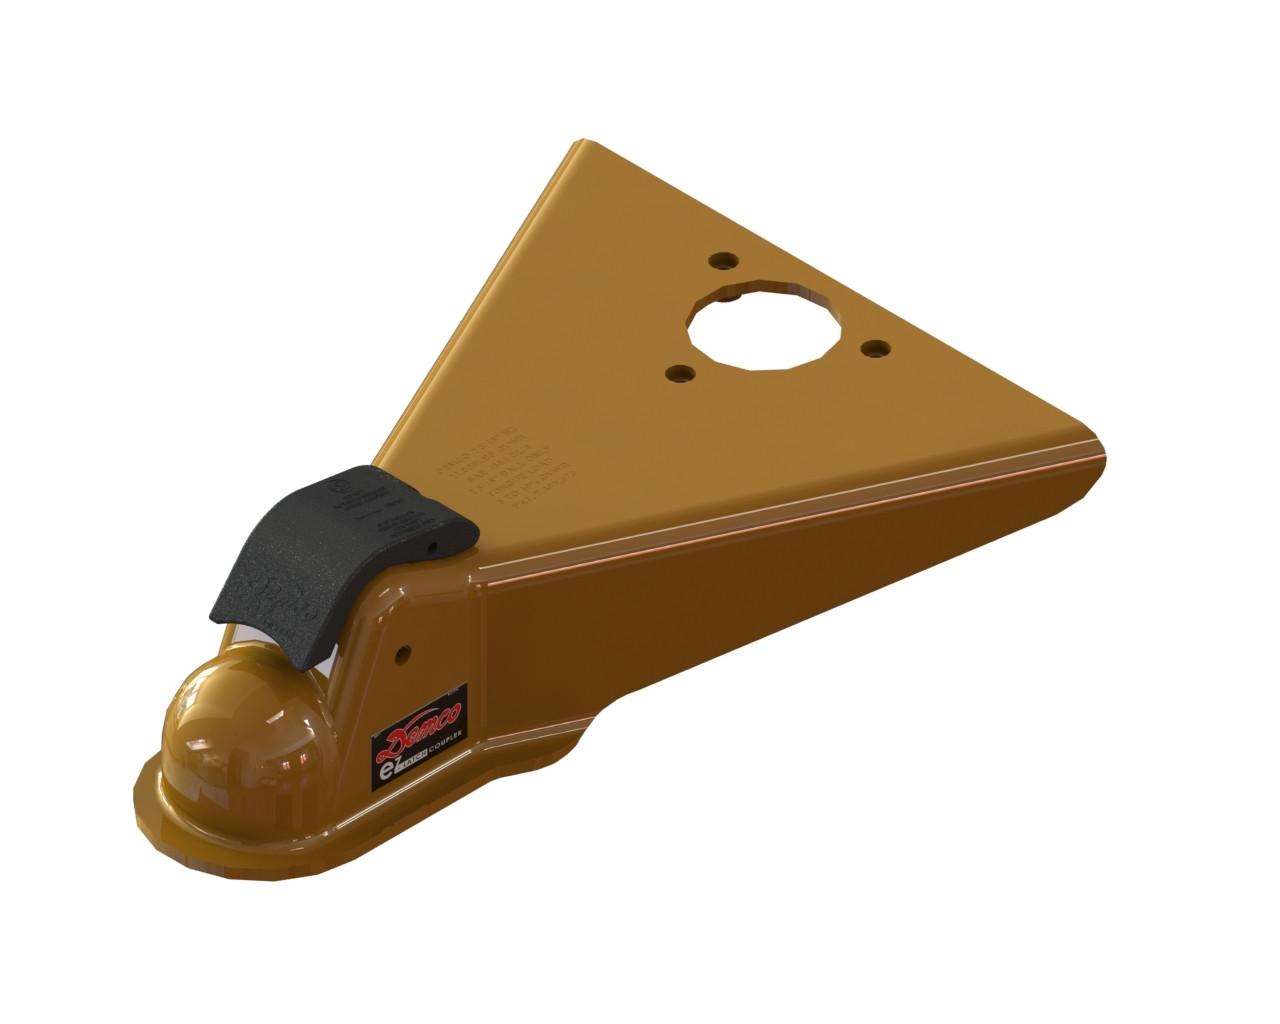 """16399-52 --- Demco eZ-Latch A-Frame Coupler - 12,500 lbs Capacity - 2-5/16"""" - Silver"""